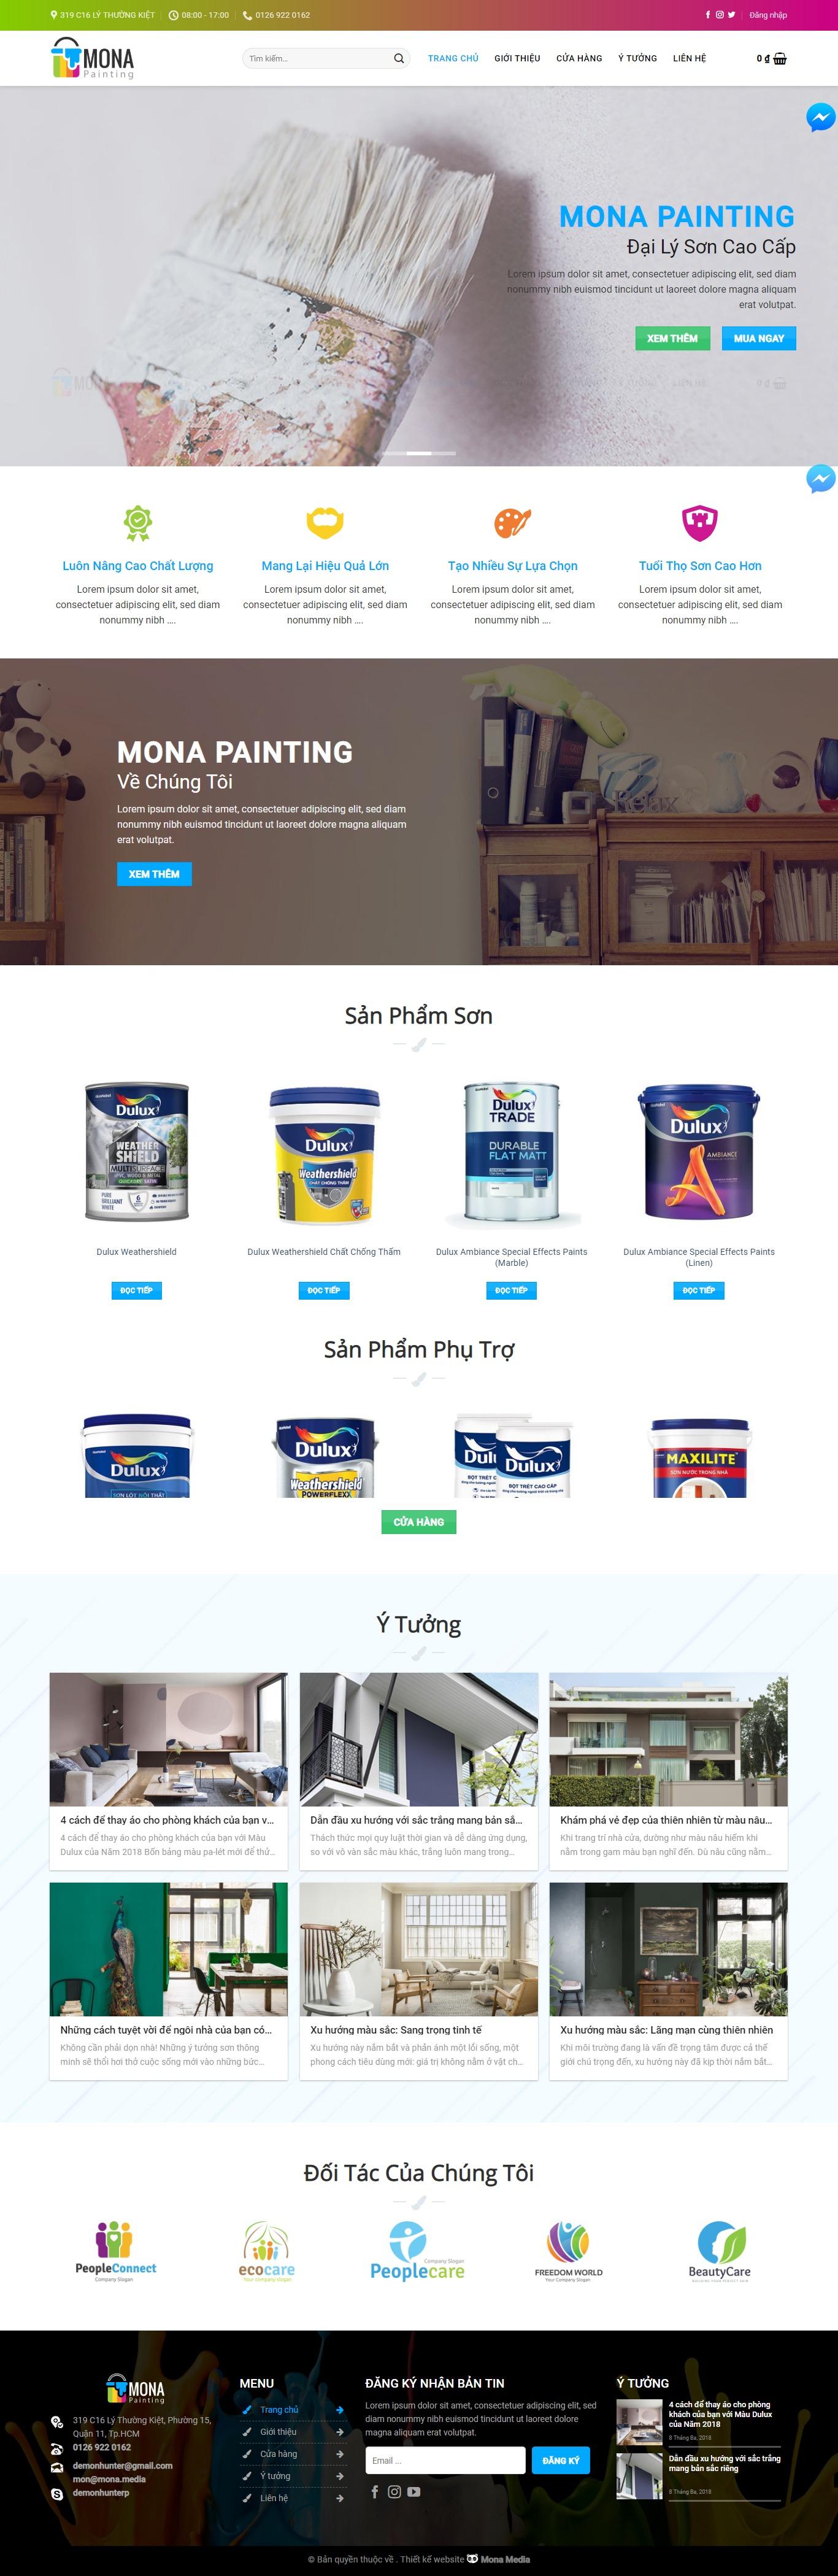 Mẫu website bán sơn nước giống Dulux